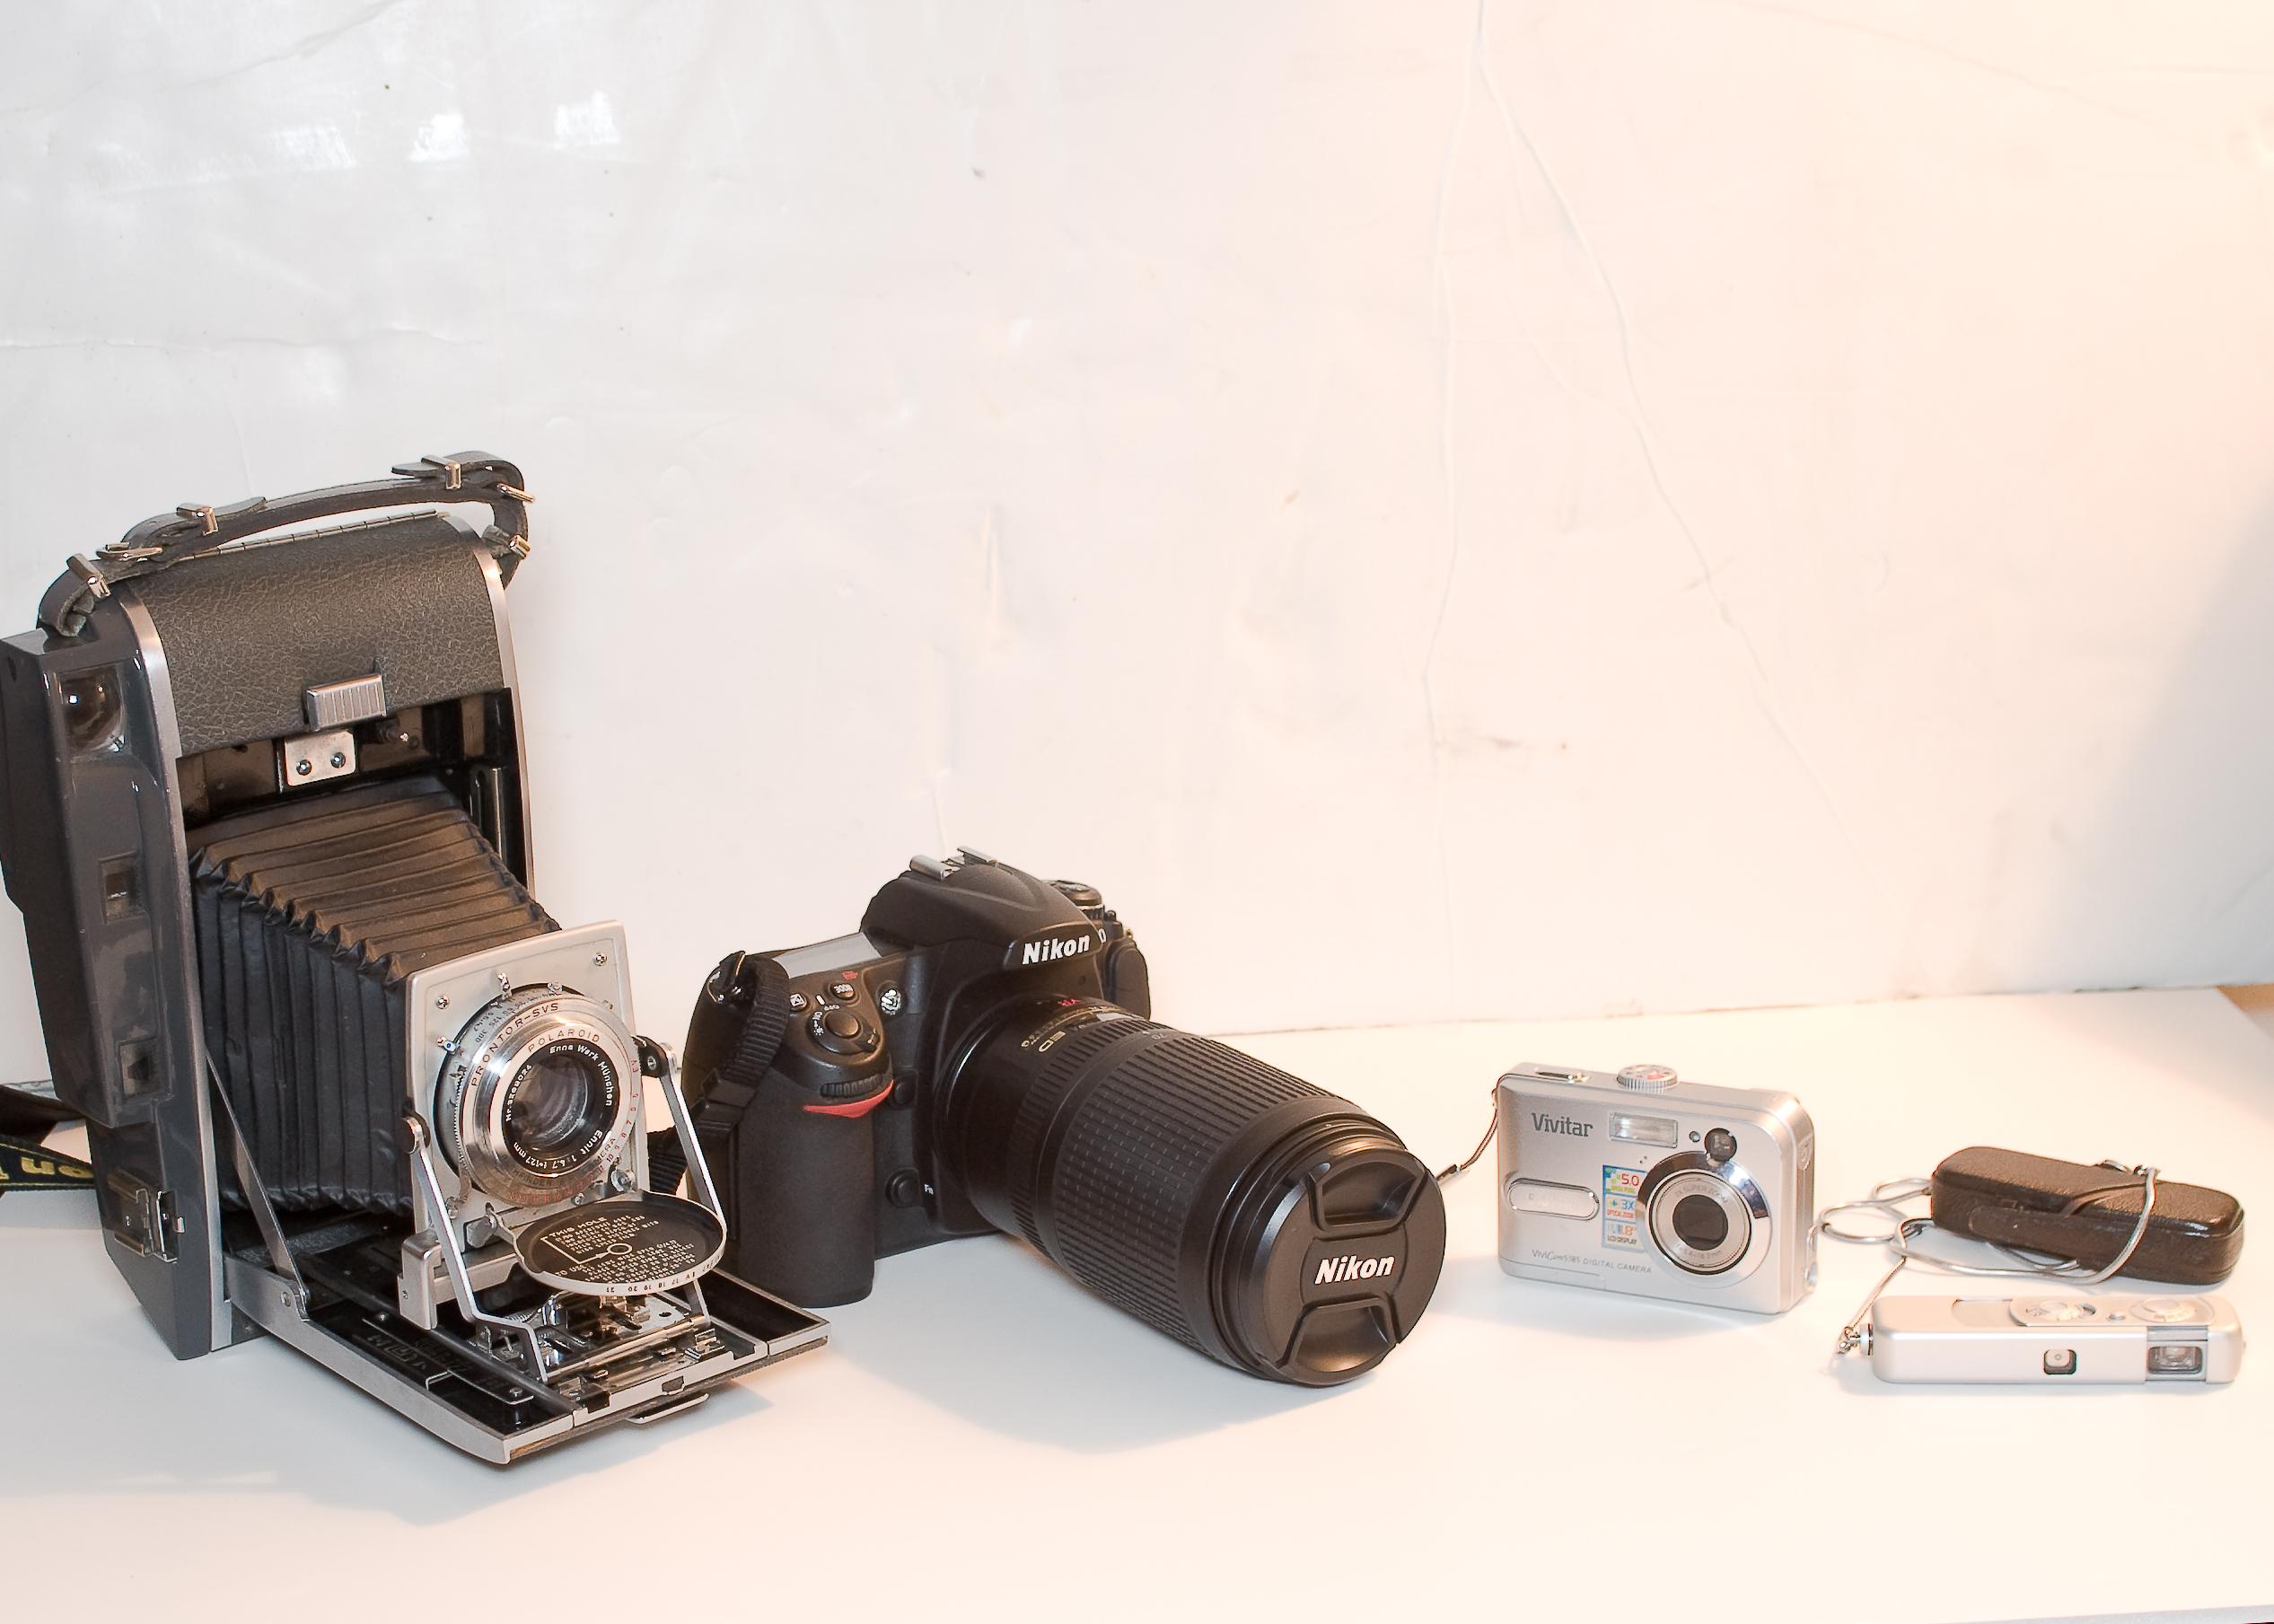 An assortment of cameras.